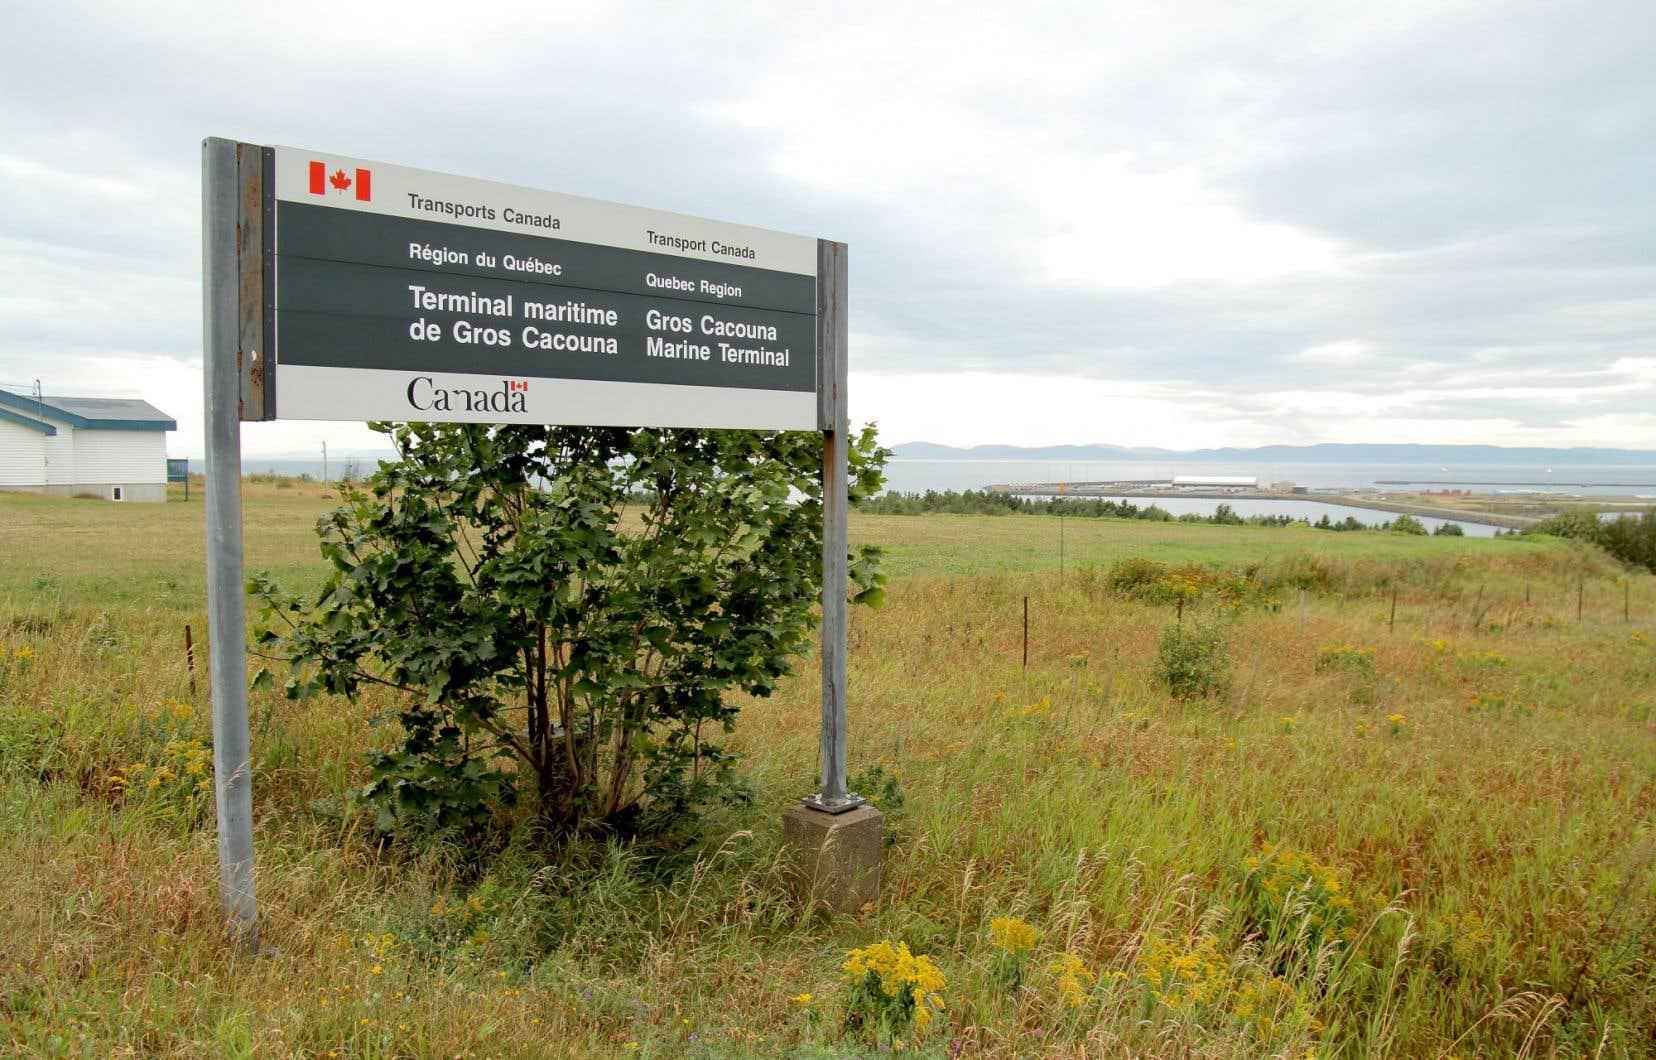 Les impacts et les risques d'Énergie Est concernent le Québec, et il revient au Québec d'évaluer les impacts du projet qui nécessitera la construction du port pétrolier de Cacouna.